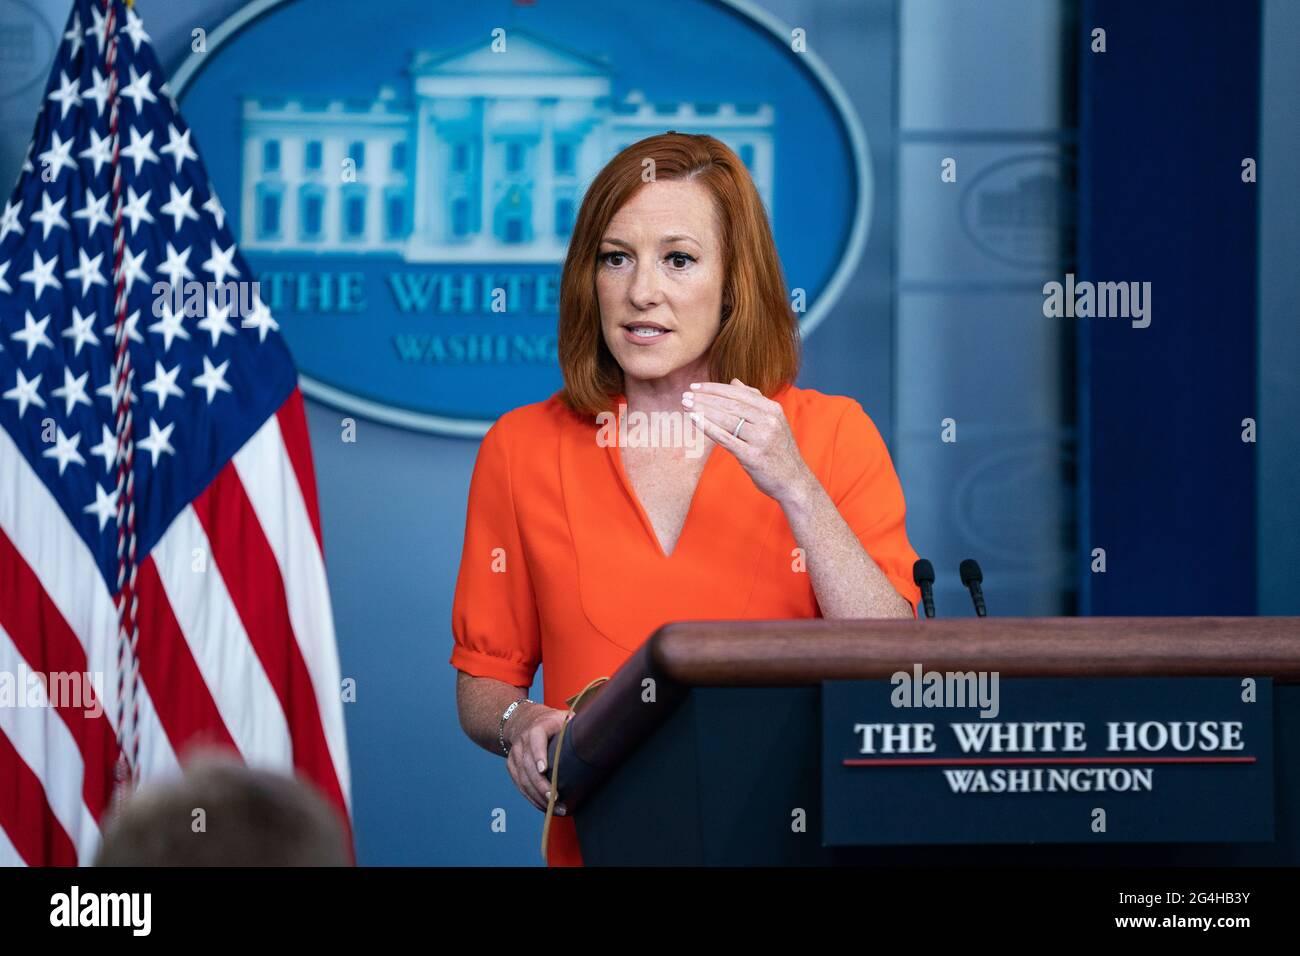 El secretario de prensa de la Casa Blanca, Jen Psaki, habla con los periodistas durante la reunión informativa diaria de la Casa Blanca en la Casa Blanca el martes 21 de junio de 2021 en Washington, DC Crédito: Alex Edelman/Pool vía CNP /MediaPunch Foto de stock